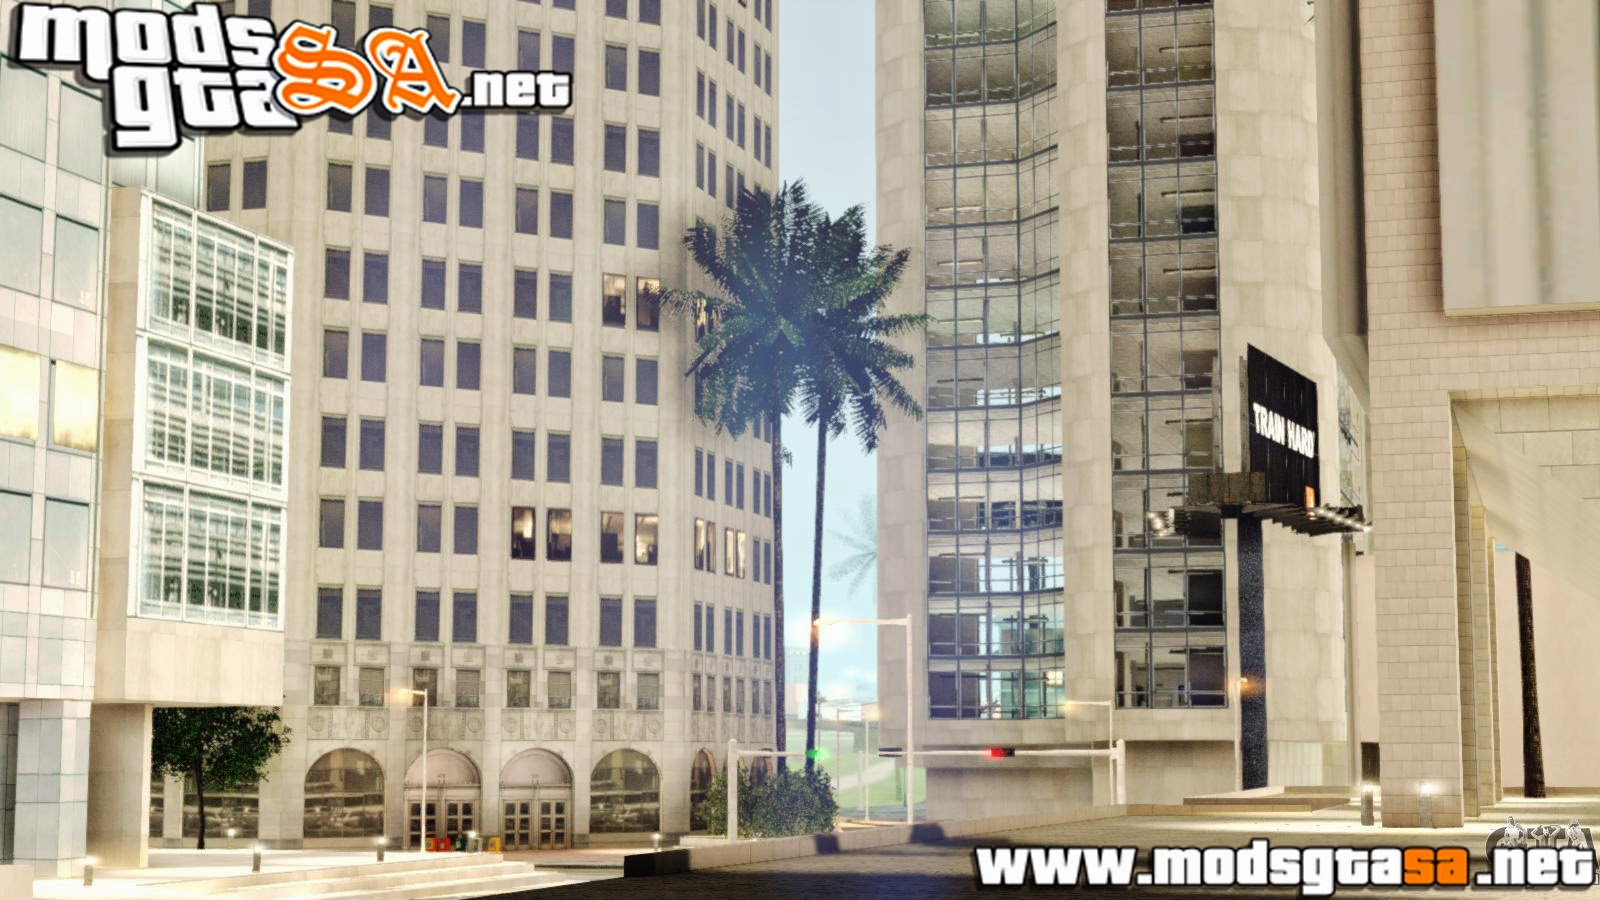 SA - ENB Series Miami v1